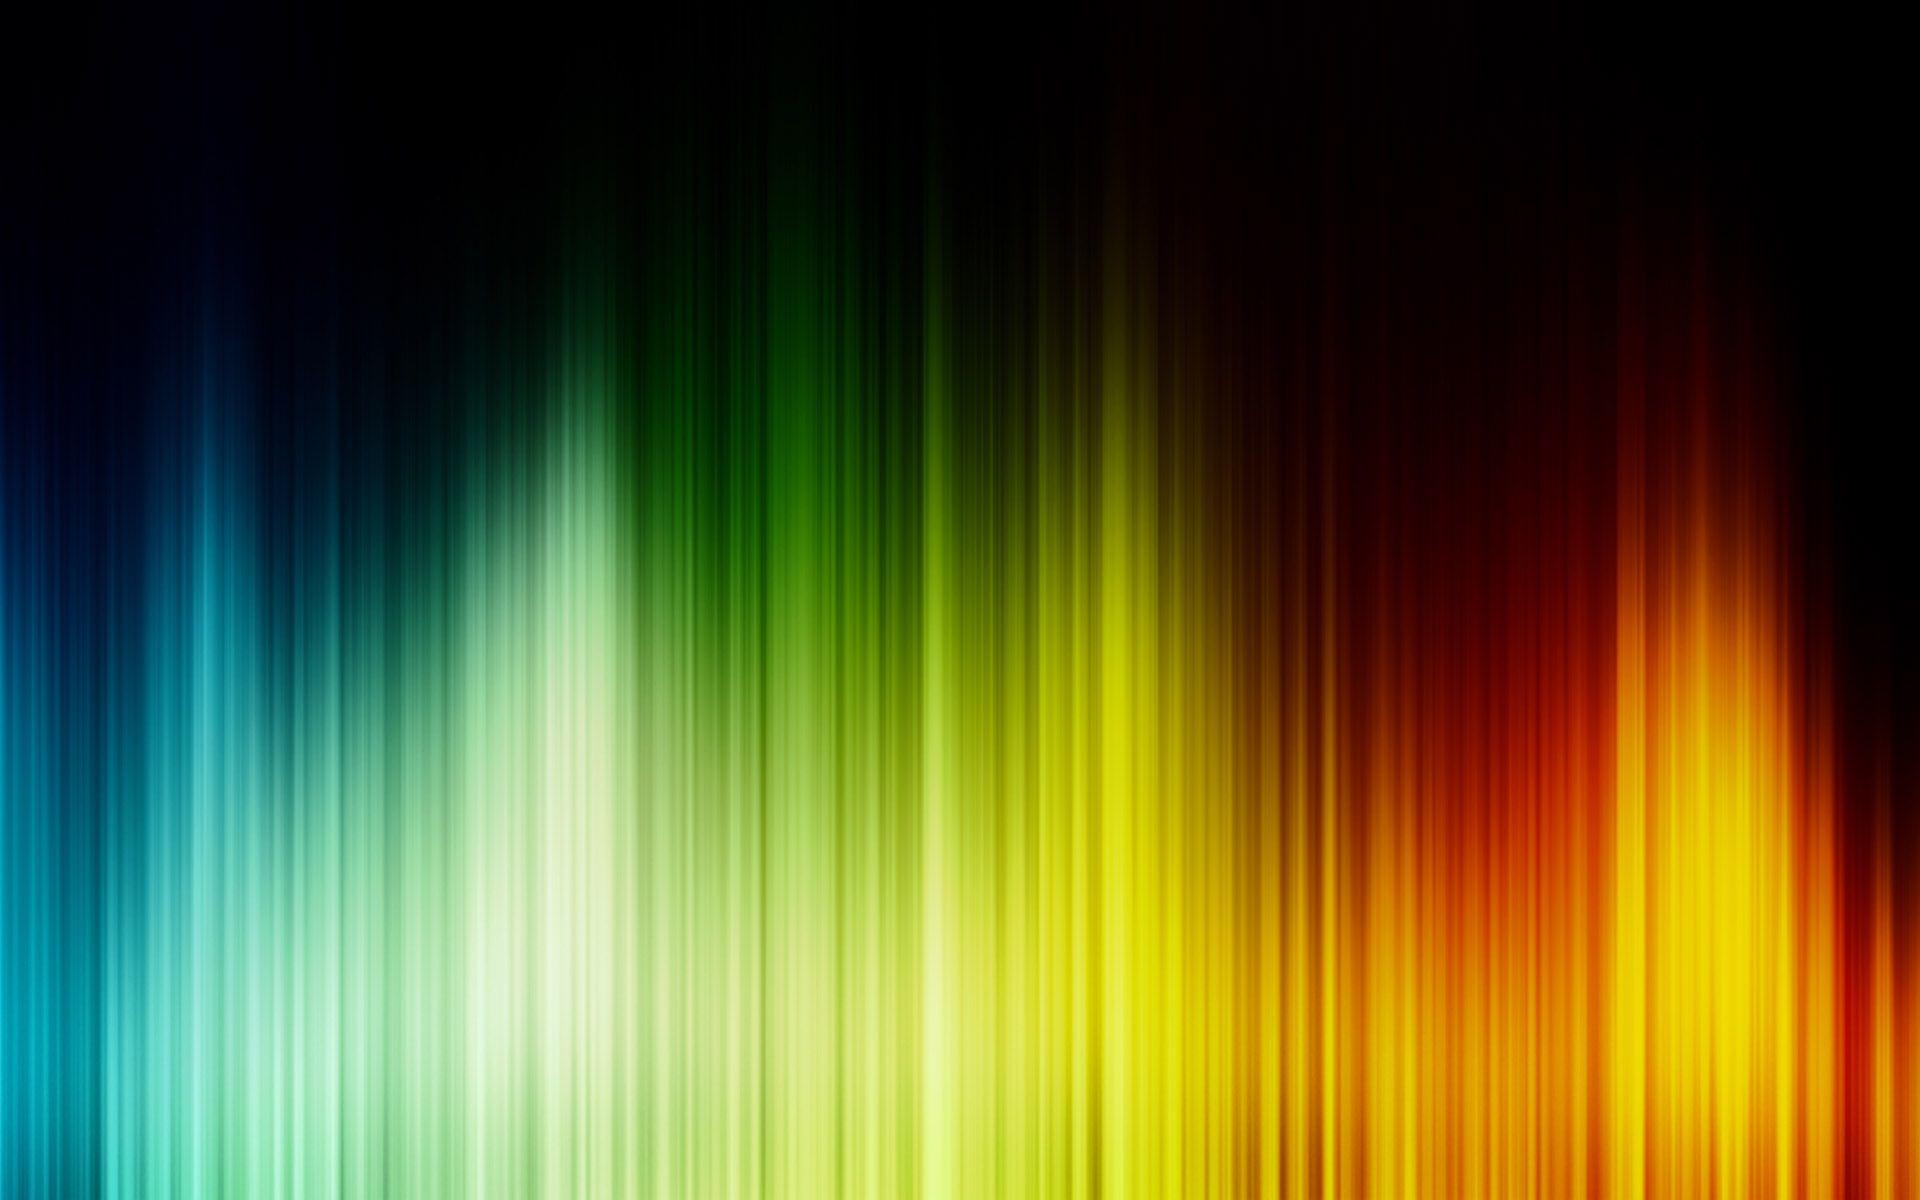 colorful spectrum colors - photo #40